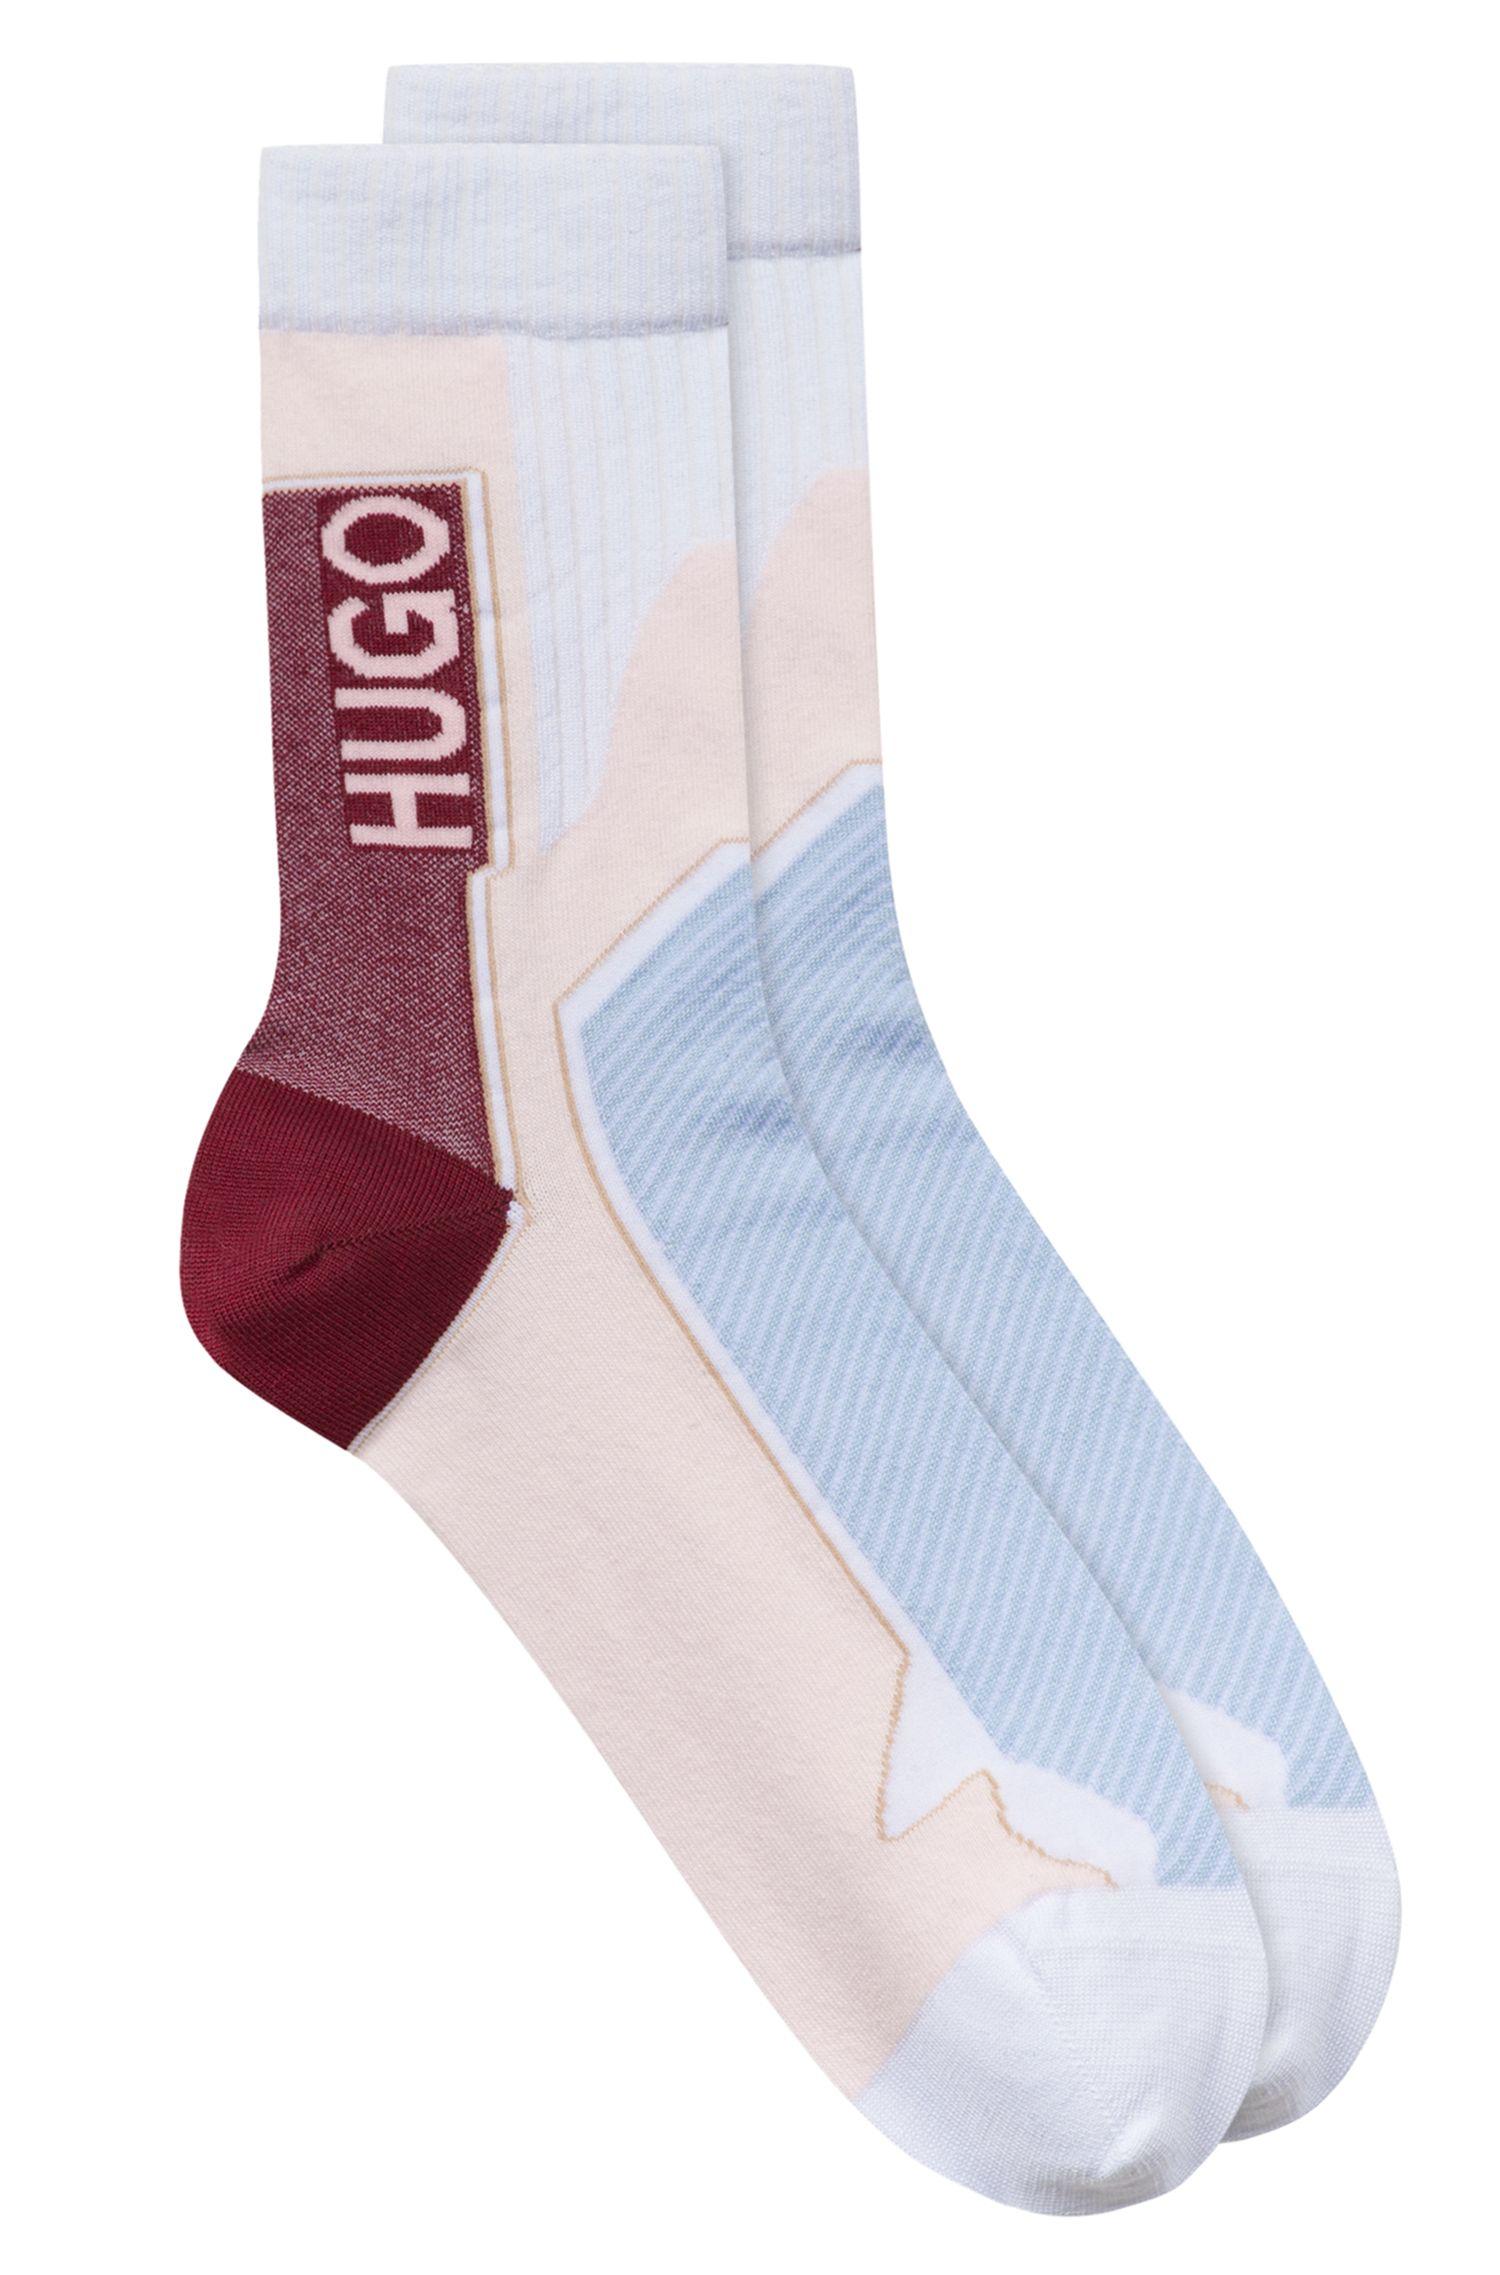 Fashion Show Socken aus elastischem Baumwoll-Mix mit Logo, Hellrosa